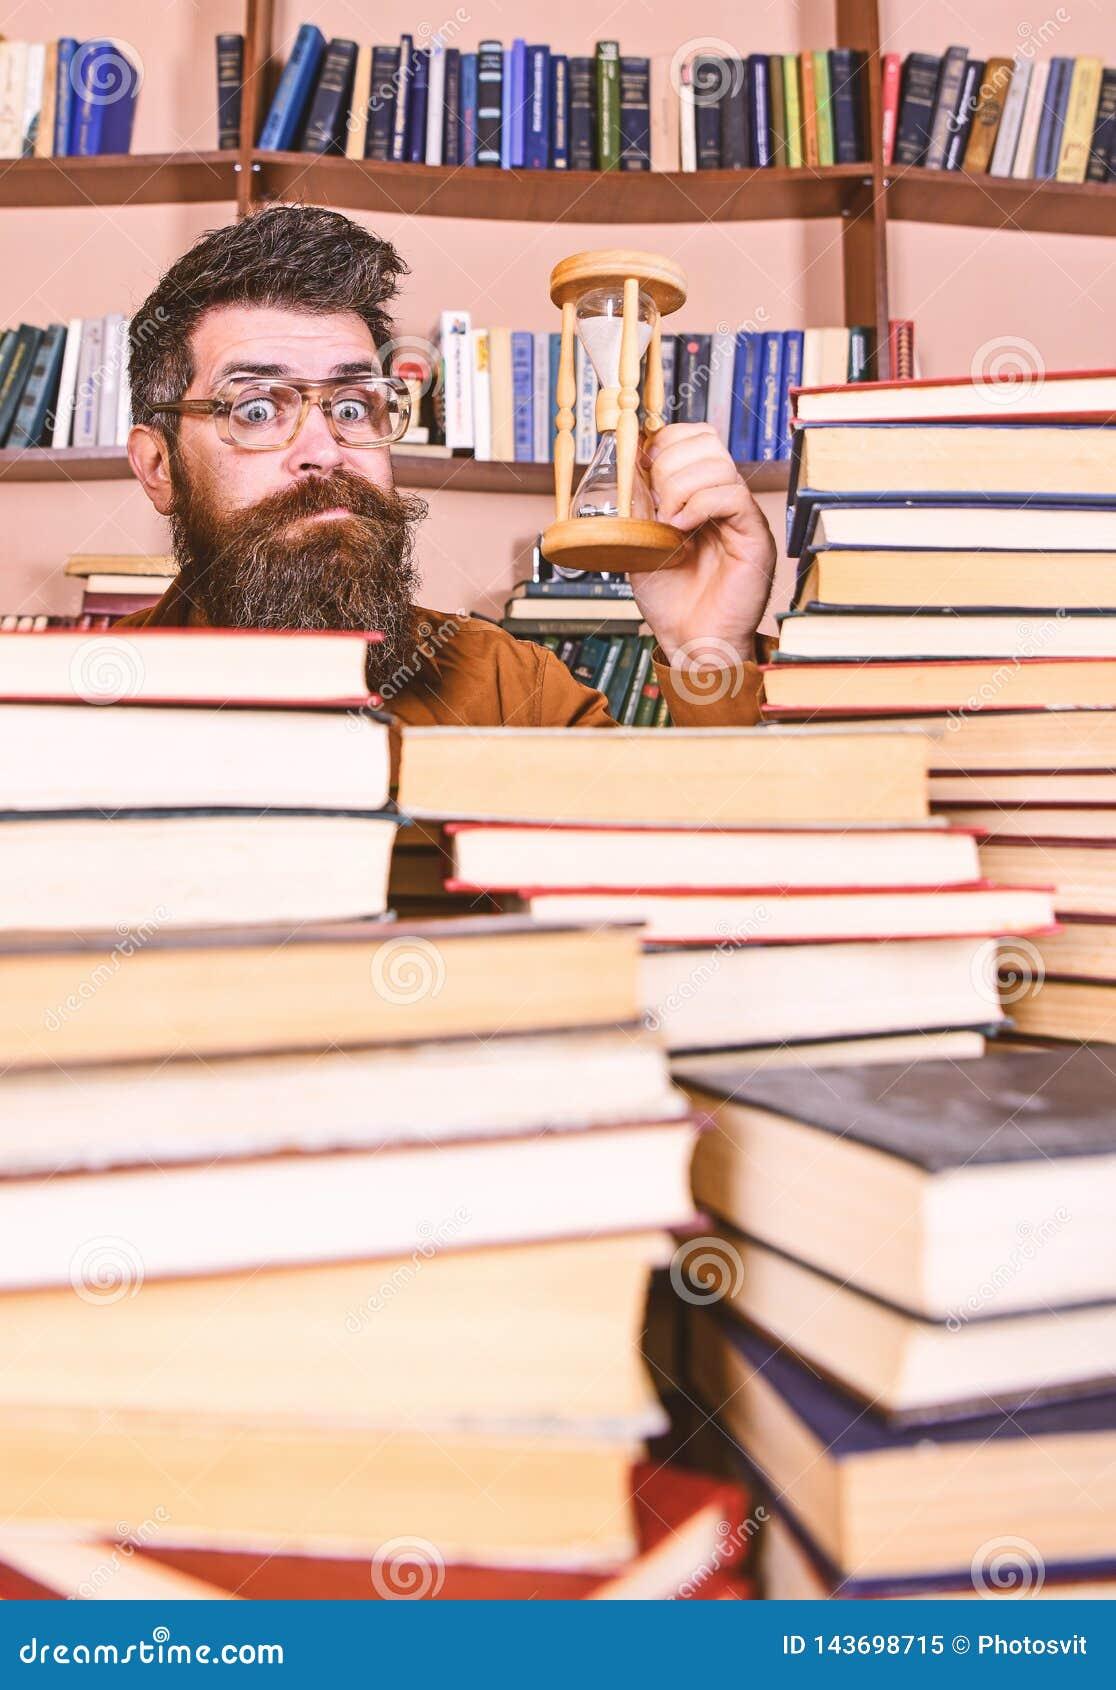 Mann auf überraschtem Gesicht hält Sanduhr beim Studieren, Bücherregale auf Hintergrund Zeit-Fluss-Konzept Lehrer oder Student